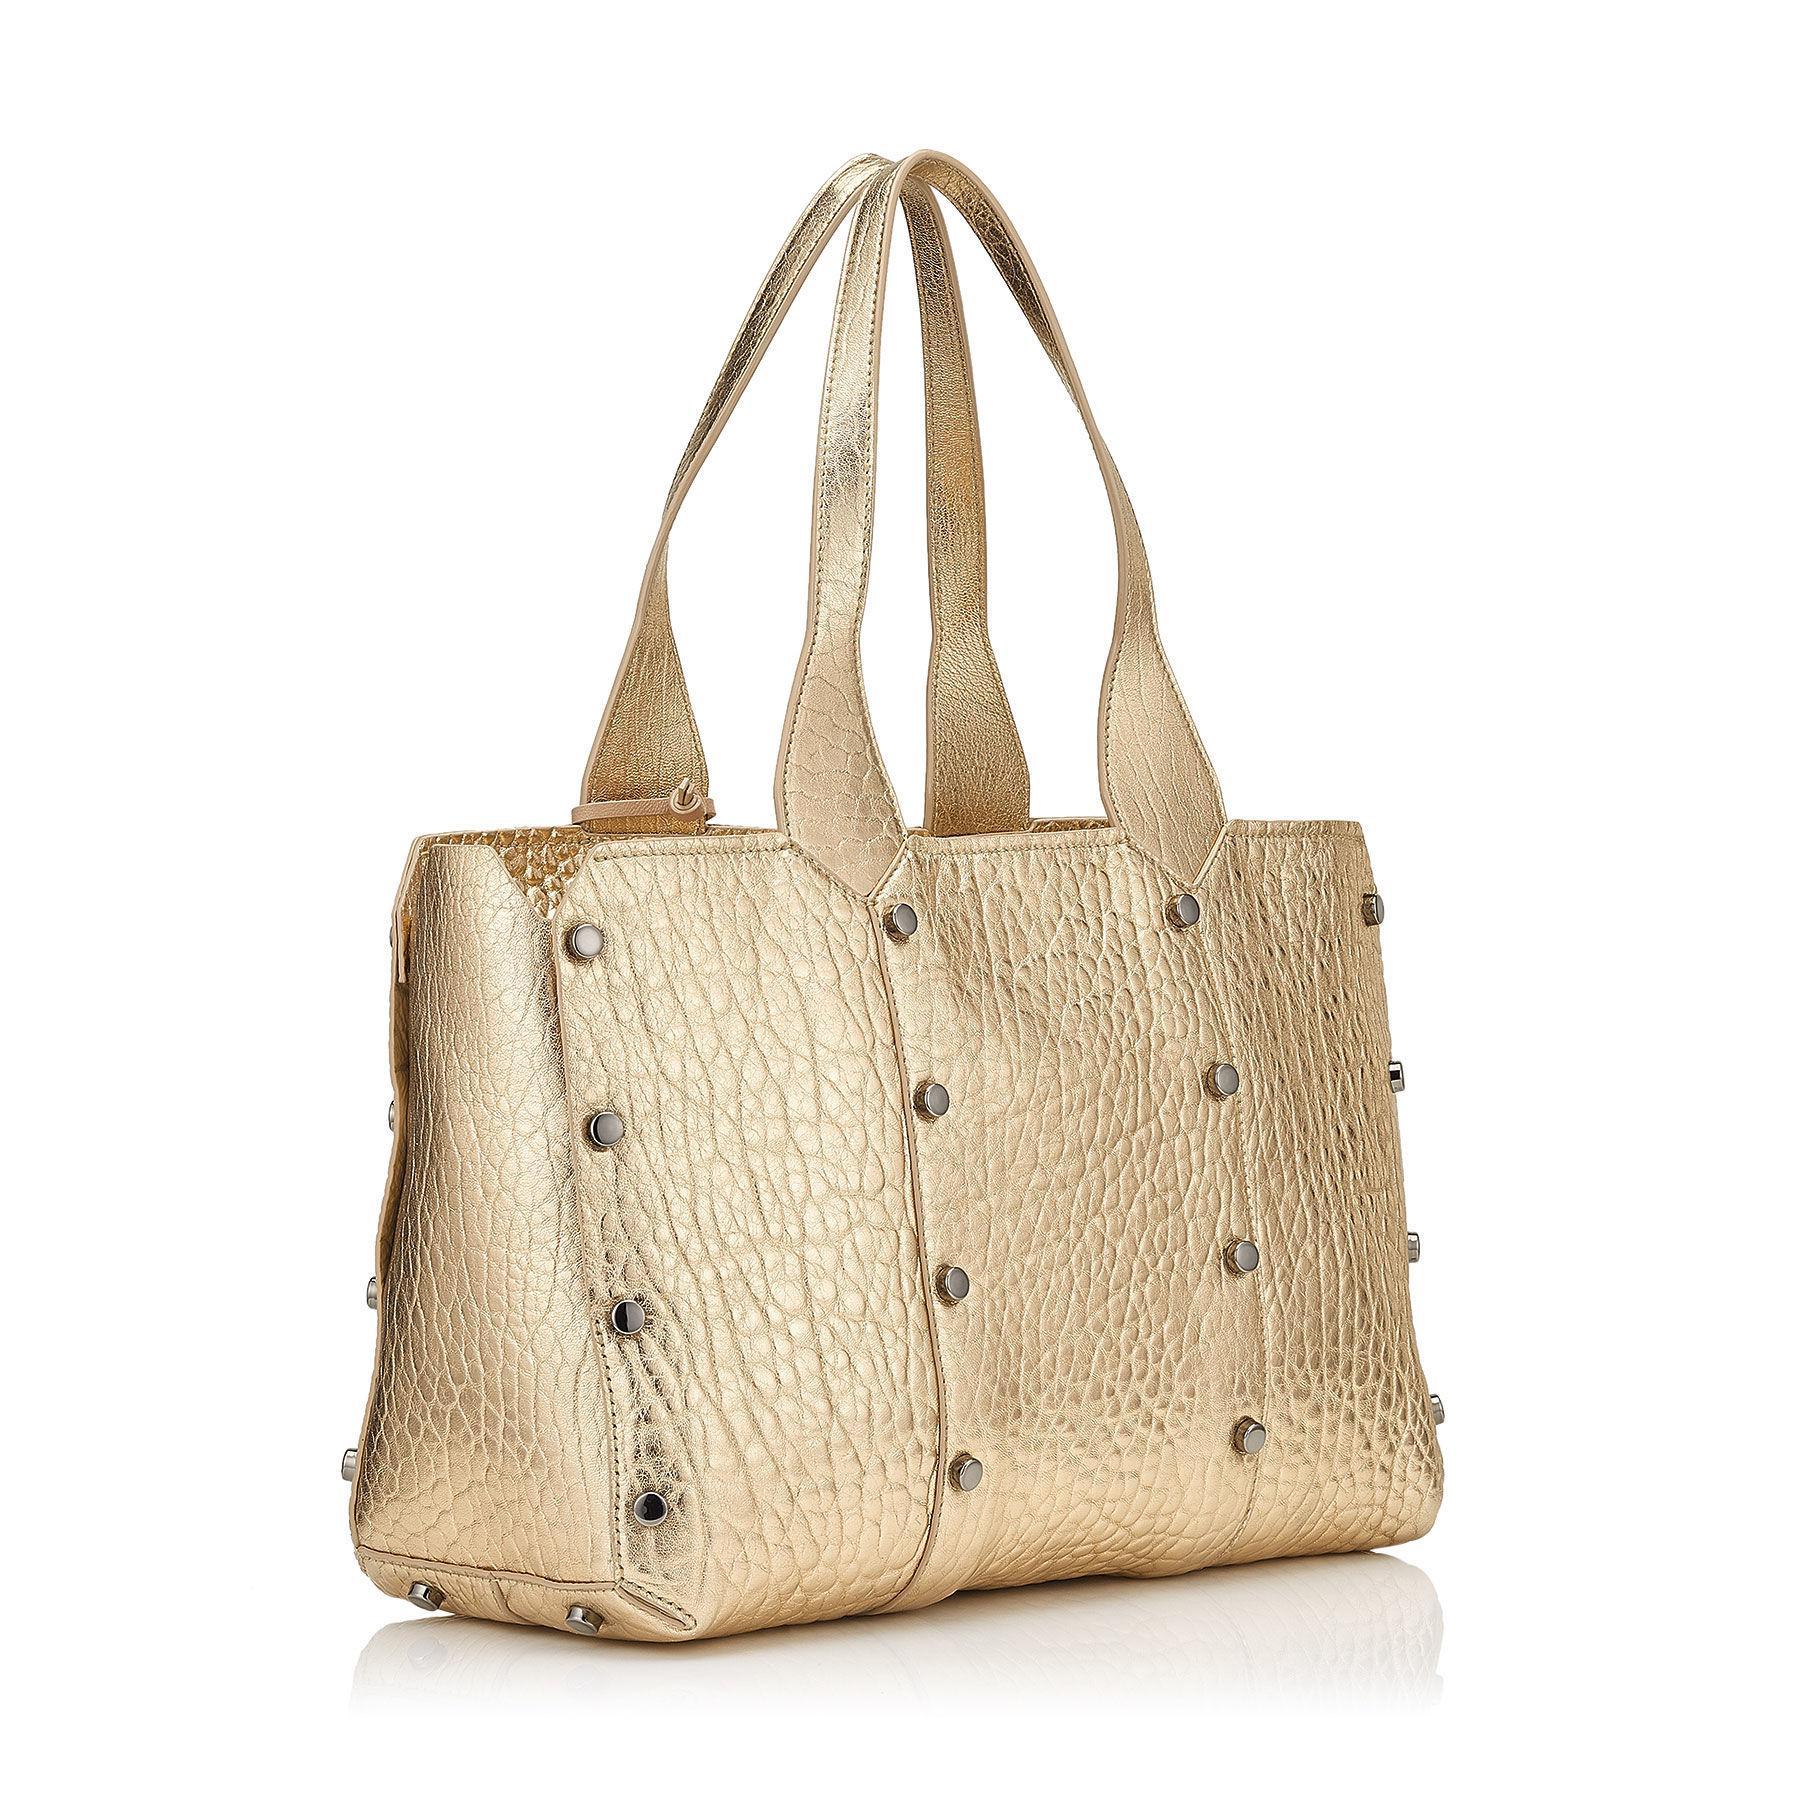 Jimmy Choo London Pre-owned - Lockett cloth handbag fbtd61